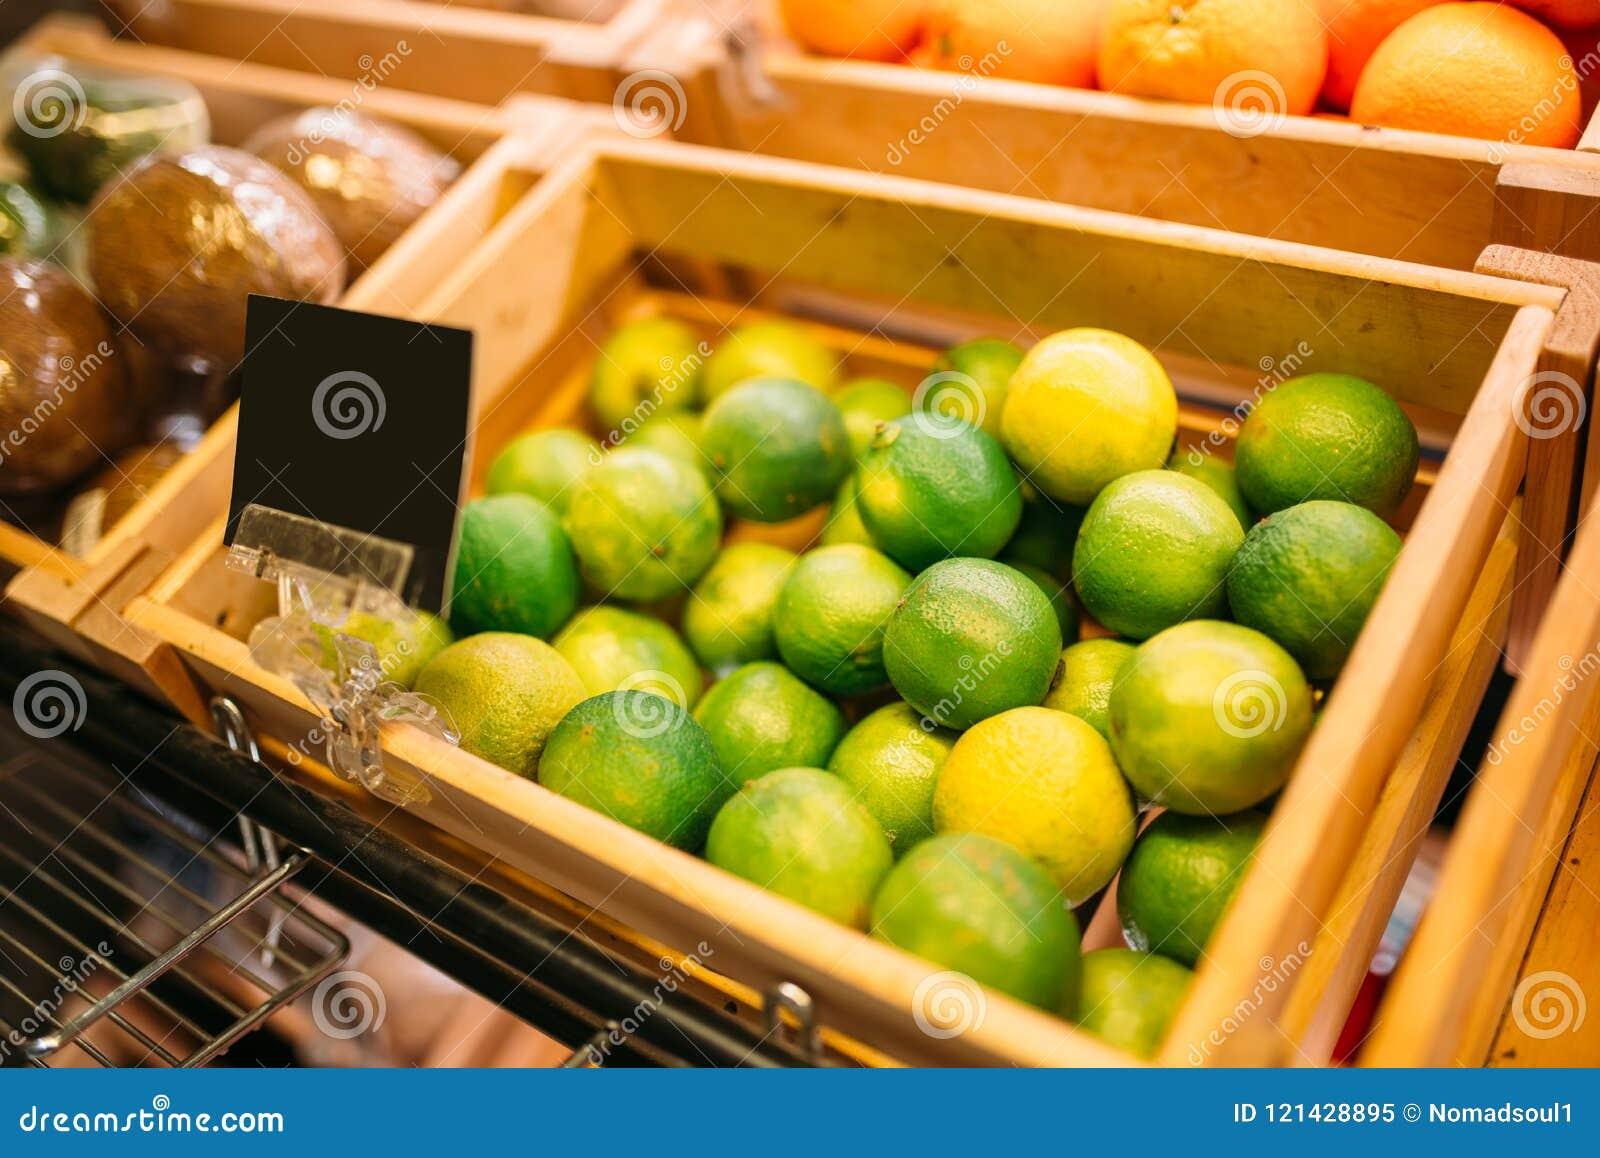 Boxas med frukter på ställning i matlagret, inget